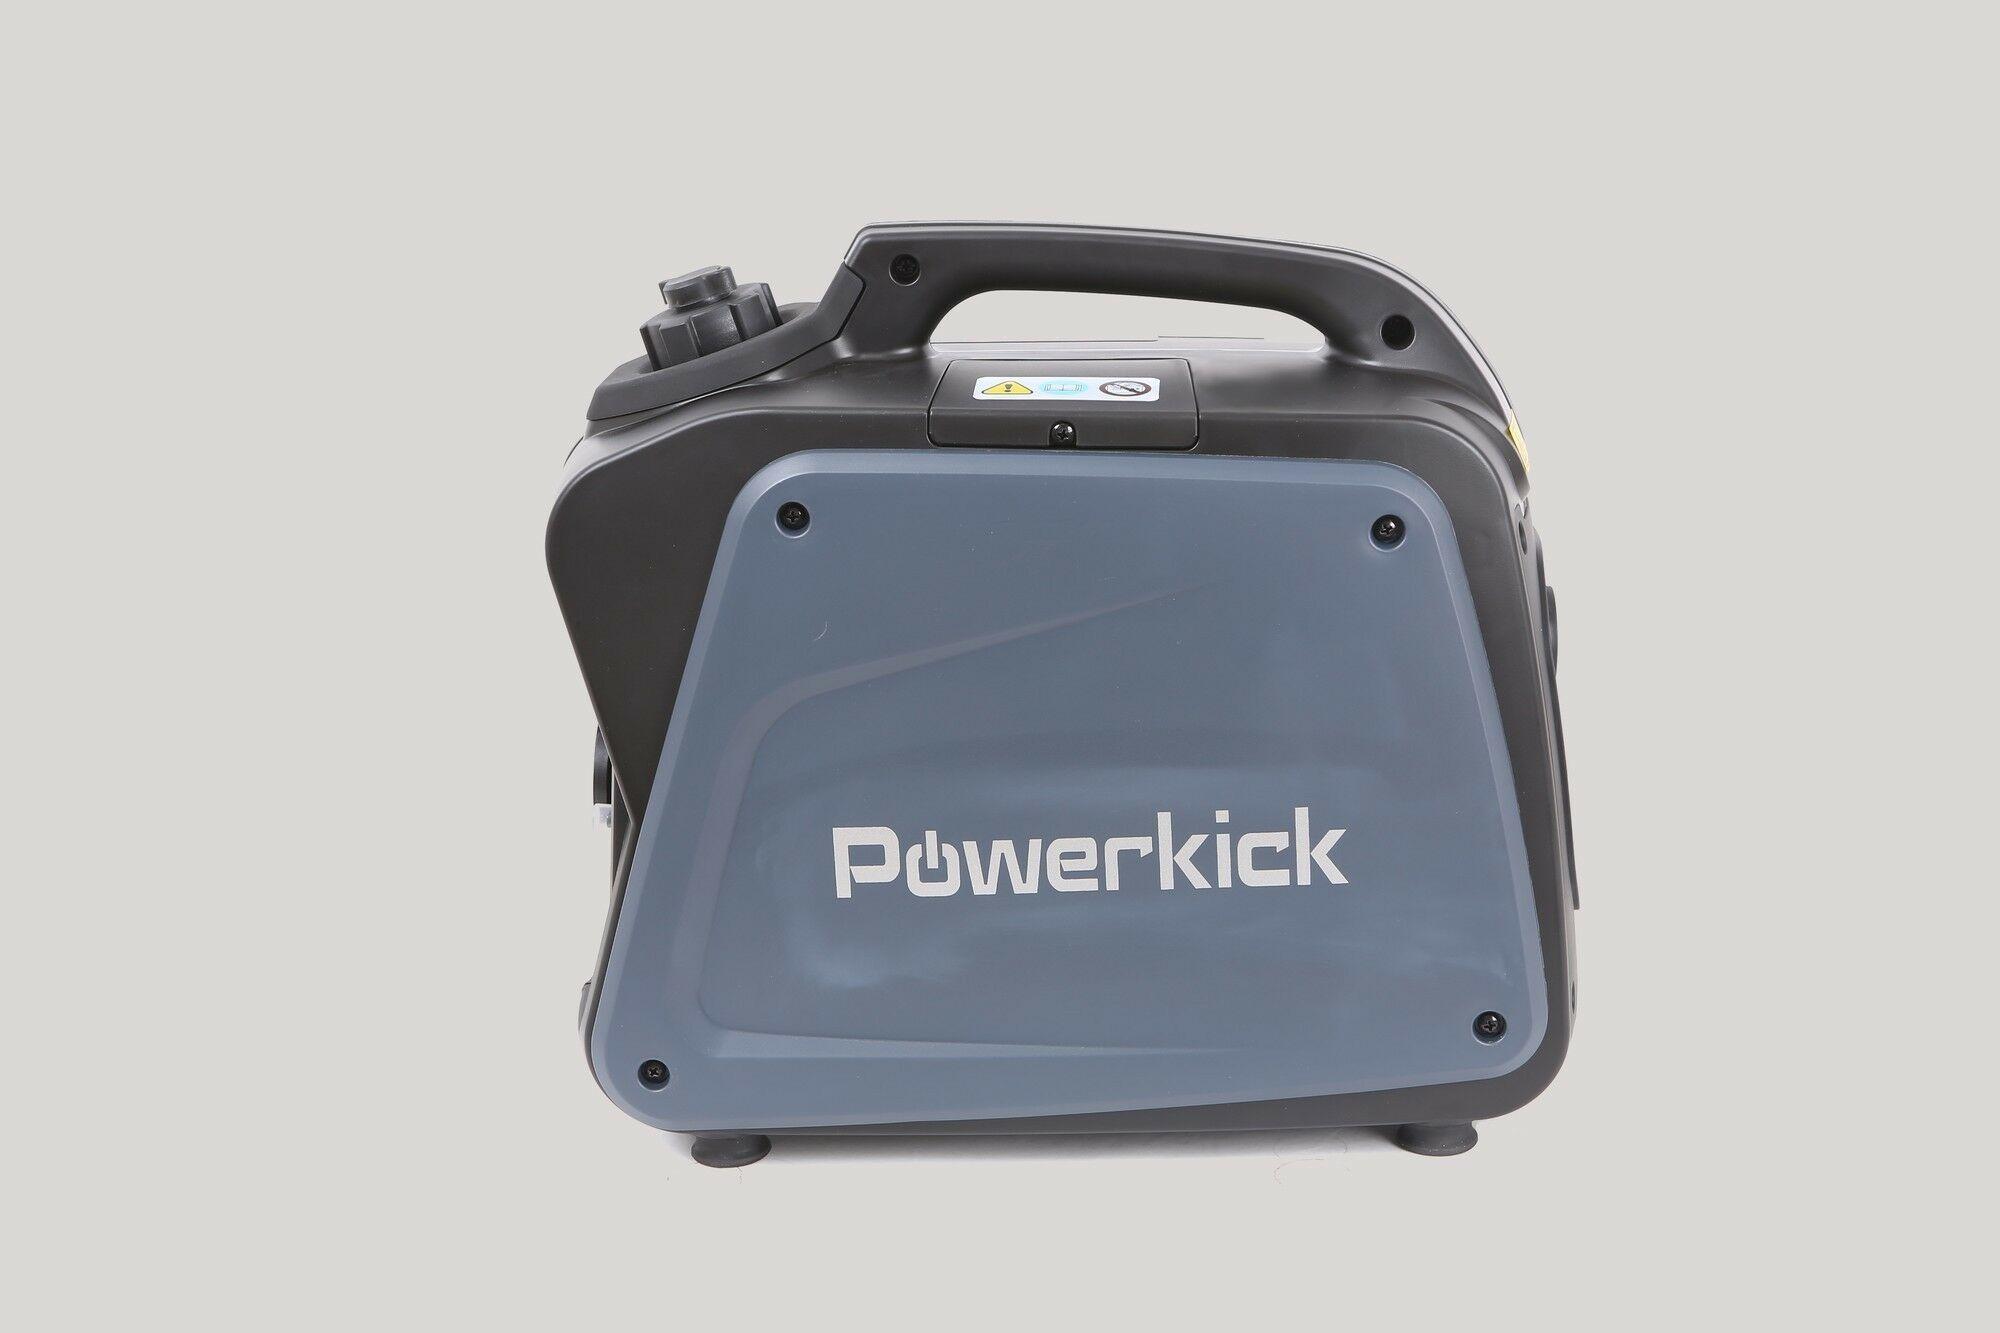 Powerkick 1200 Industrie | Benzine generator 60cc | Aggregaat 1100 watt